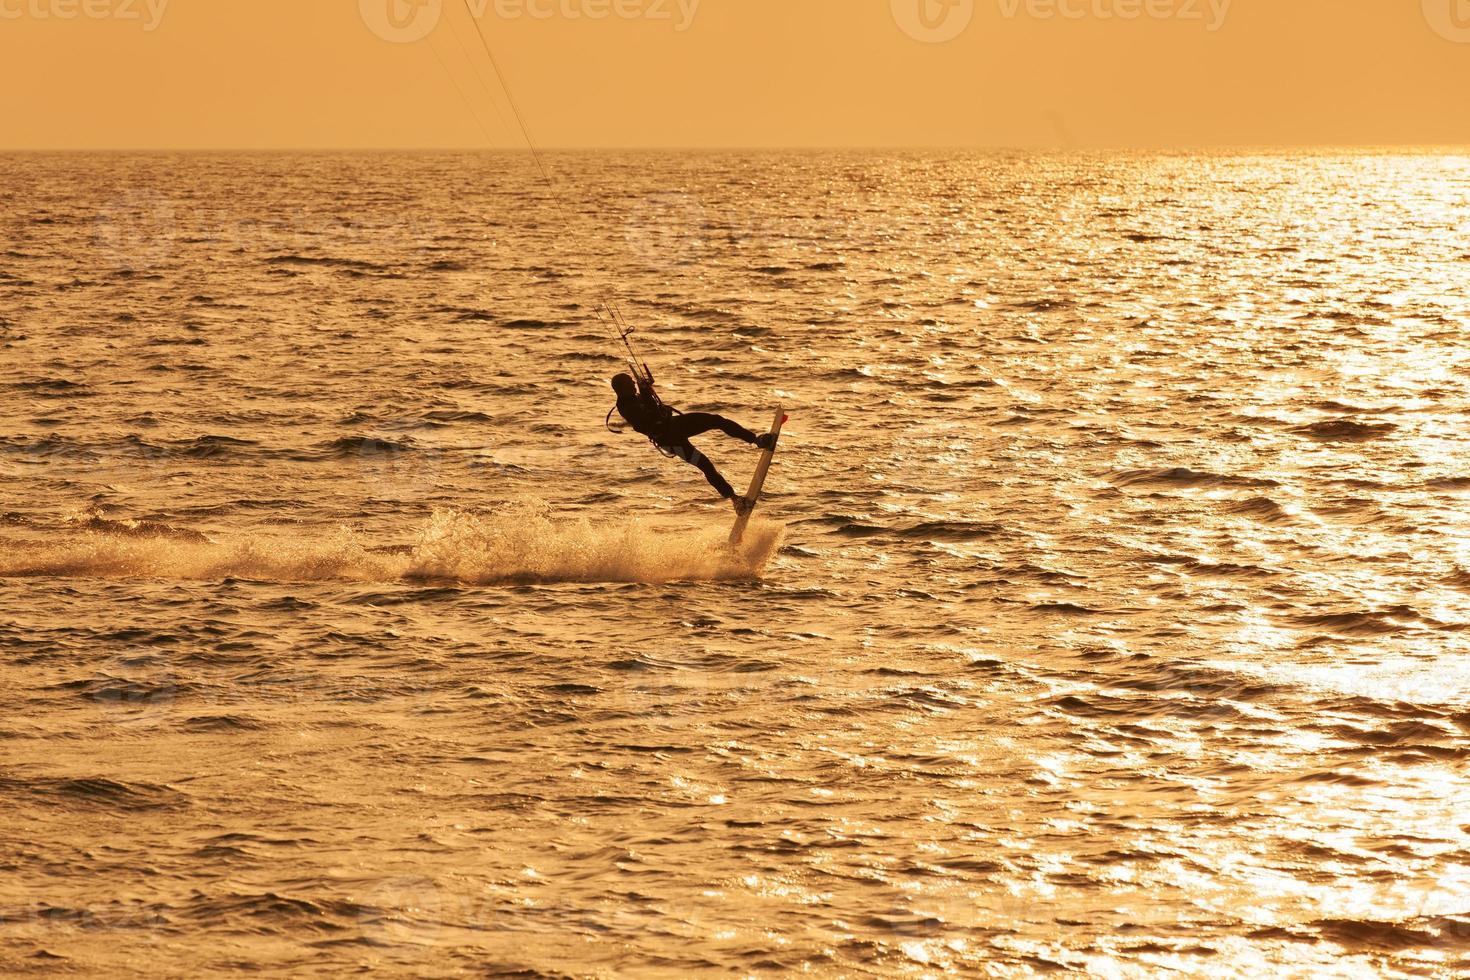 surfista aquilone che salta dall'acqua foto